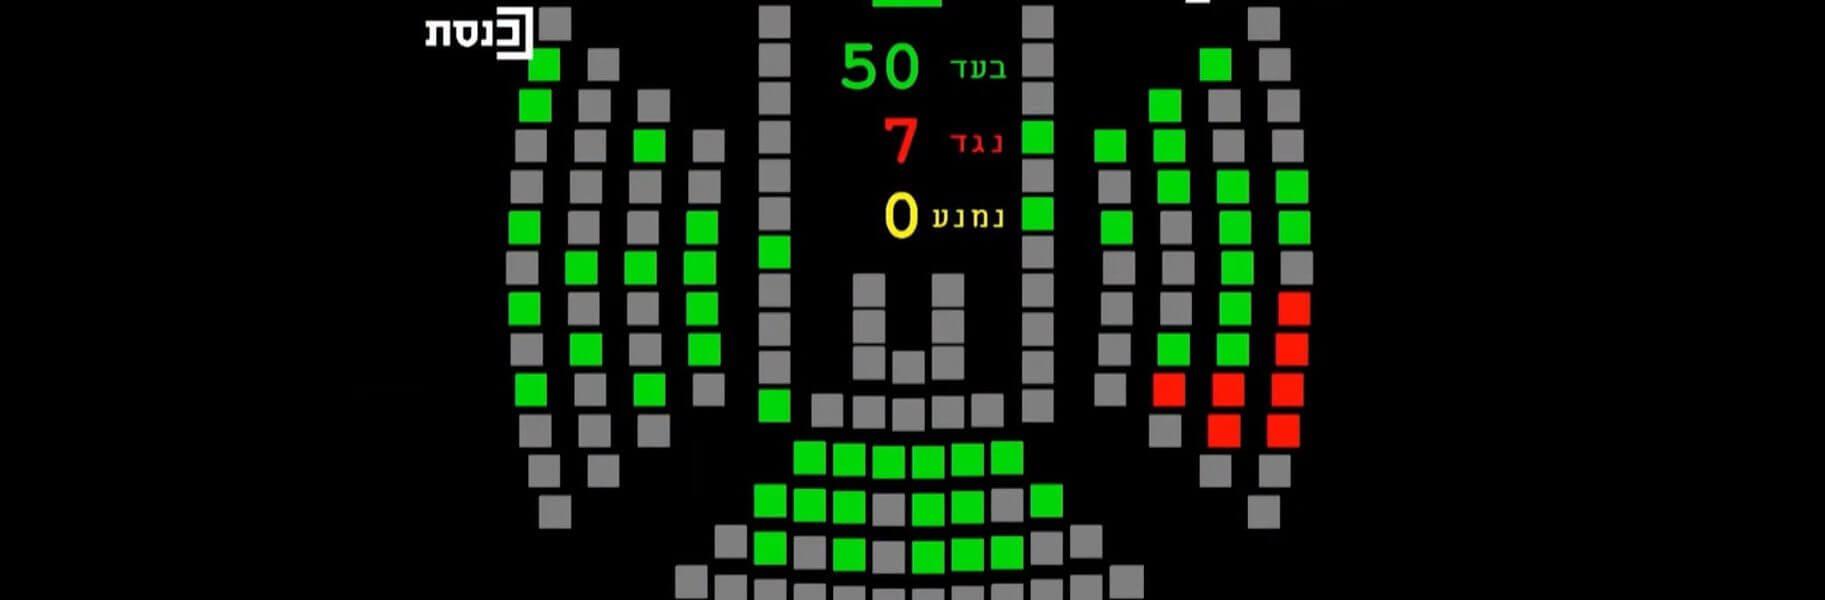 הצבעה בכנסת, צילום: ערוץ כנסת